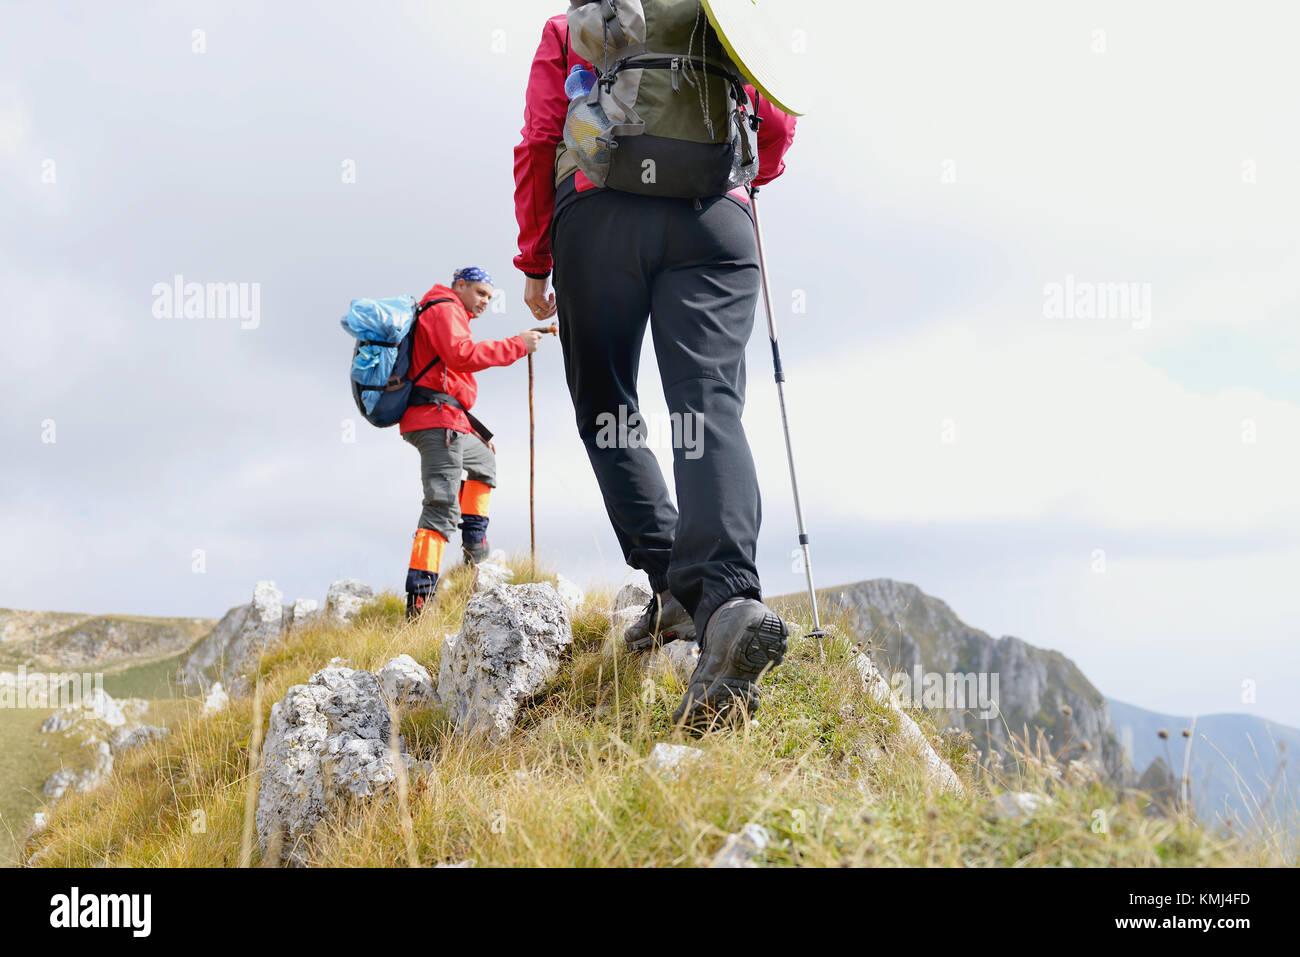 In der Nähe der Beine der junge Wanderer zu Fuß auf den Weg. Junges Paar trail aufwachen. Fokus auf Wanderschuhe Stockbild